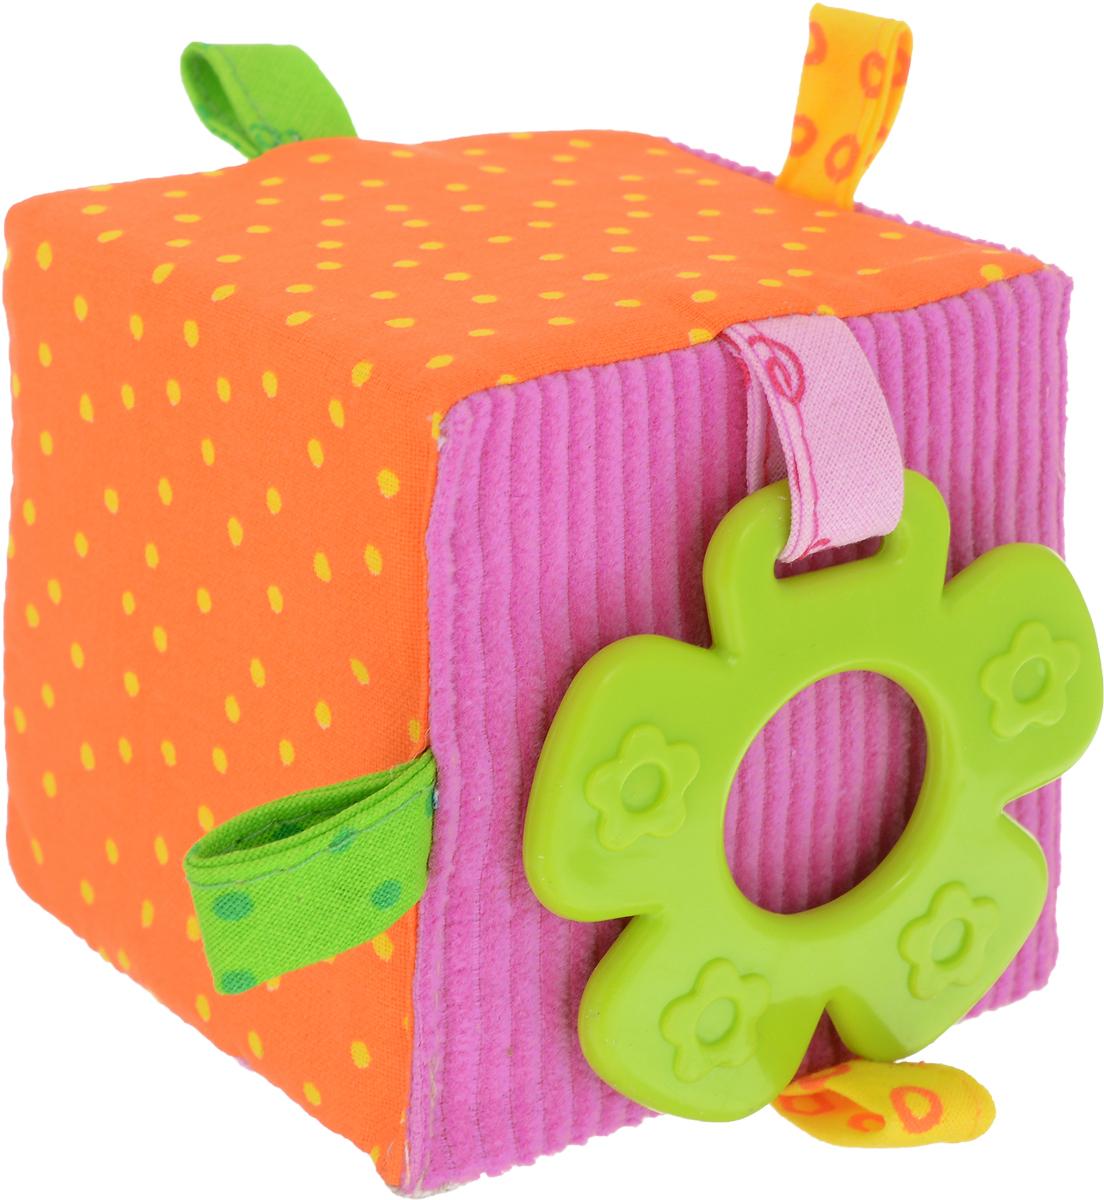 Мякиши Развивающая игрушка ЭкоМякиши Кубик цвет розовый оранжевый развивающая игрушка мякиши мой зайчик цвет серый белый розовый